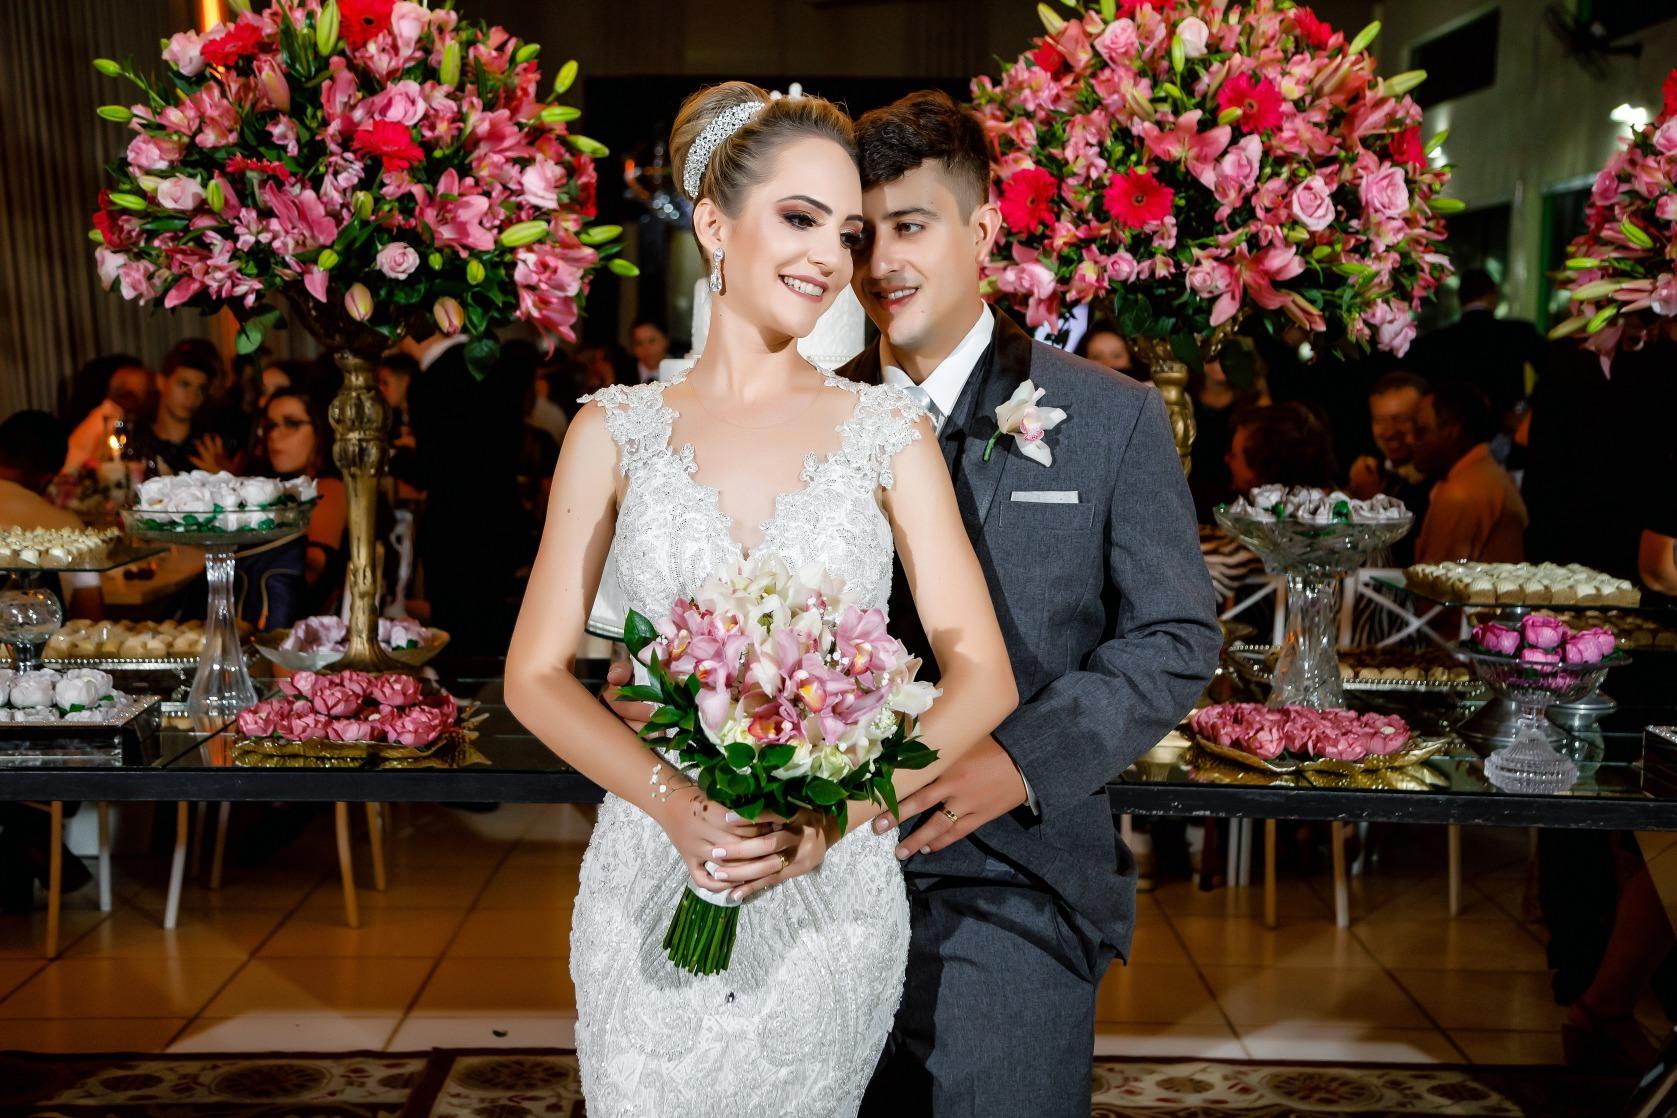 casamento em Pará de Minas de Ana Clara e Elias - foto Demetrio Laurentys - Vestido Zephora